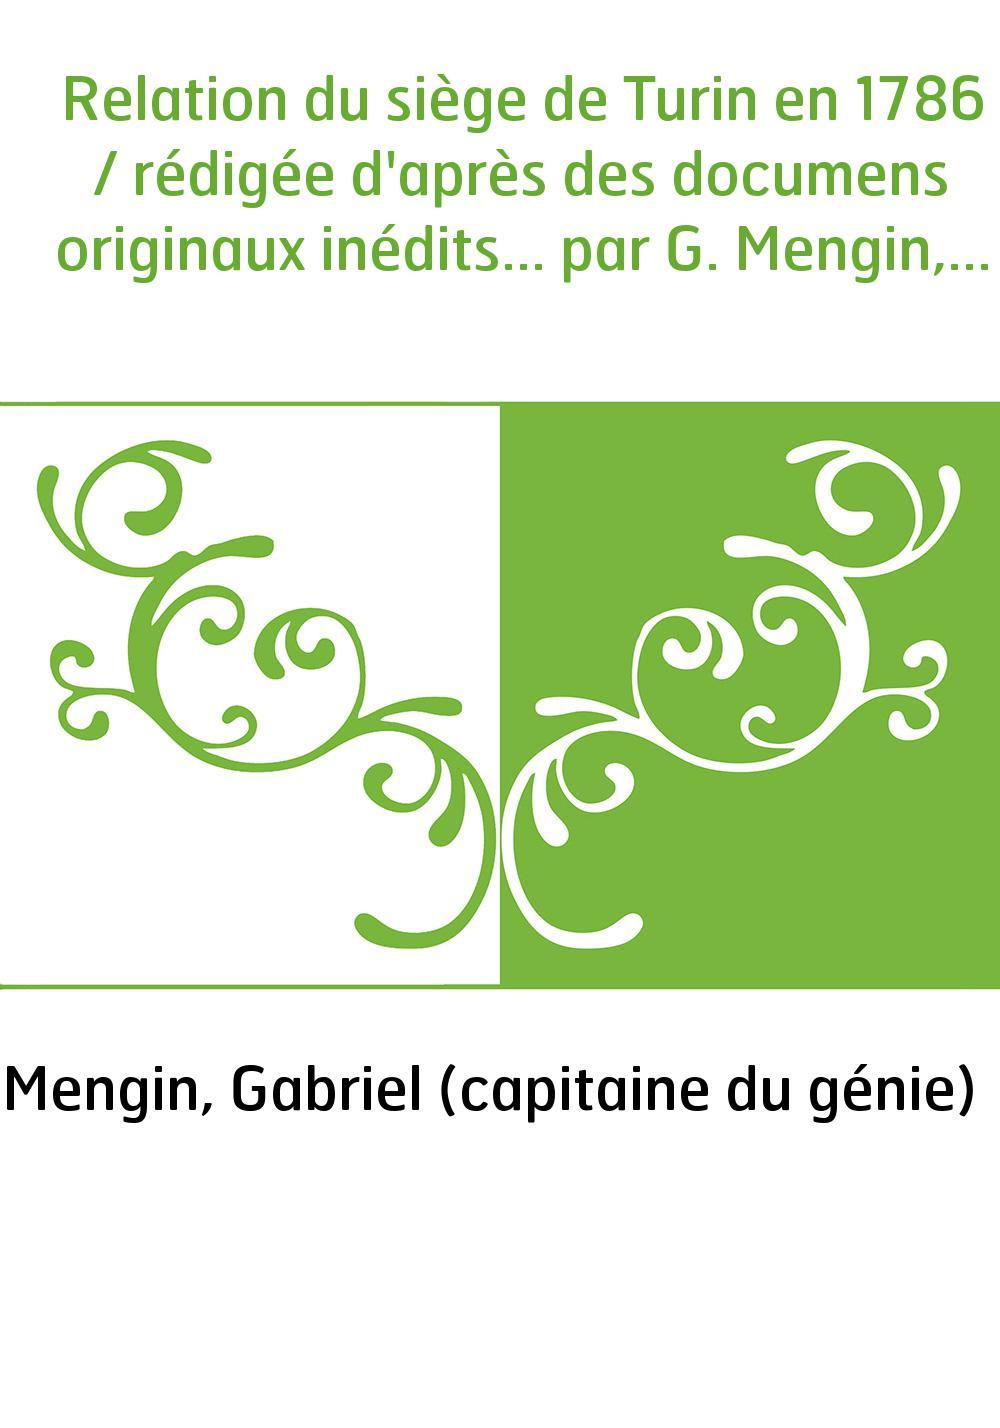 Relation du siège de Turin en 1786 / rédigée d'après des documens originaux inédits... par G. Mengin,...